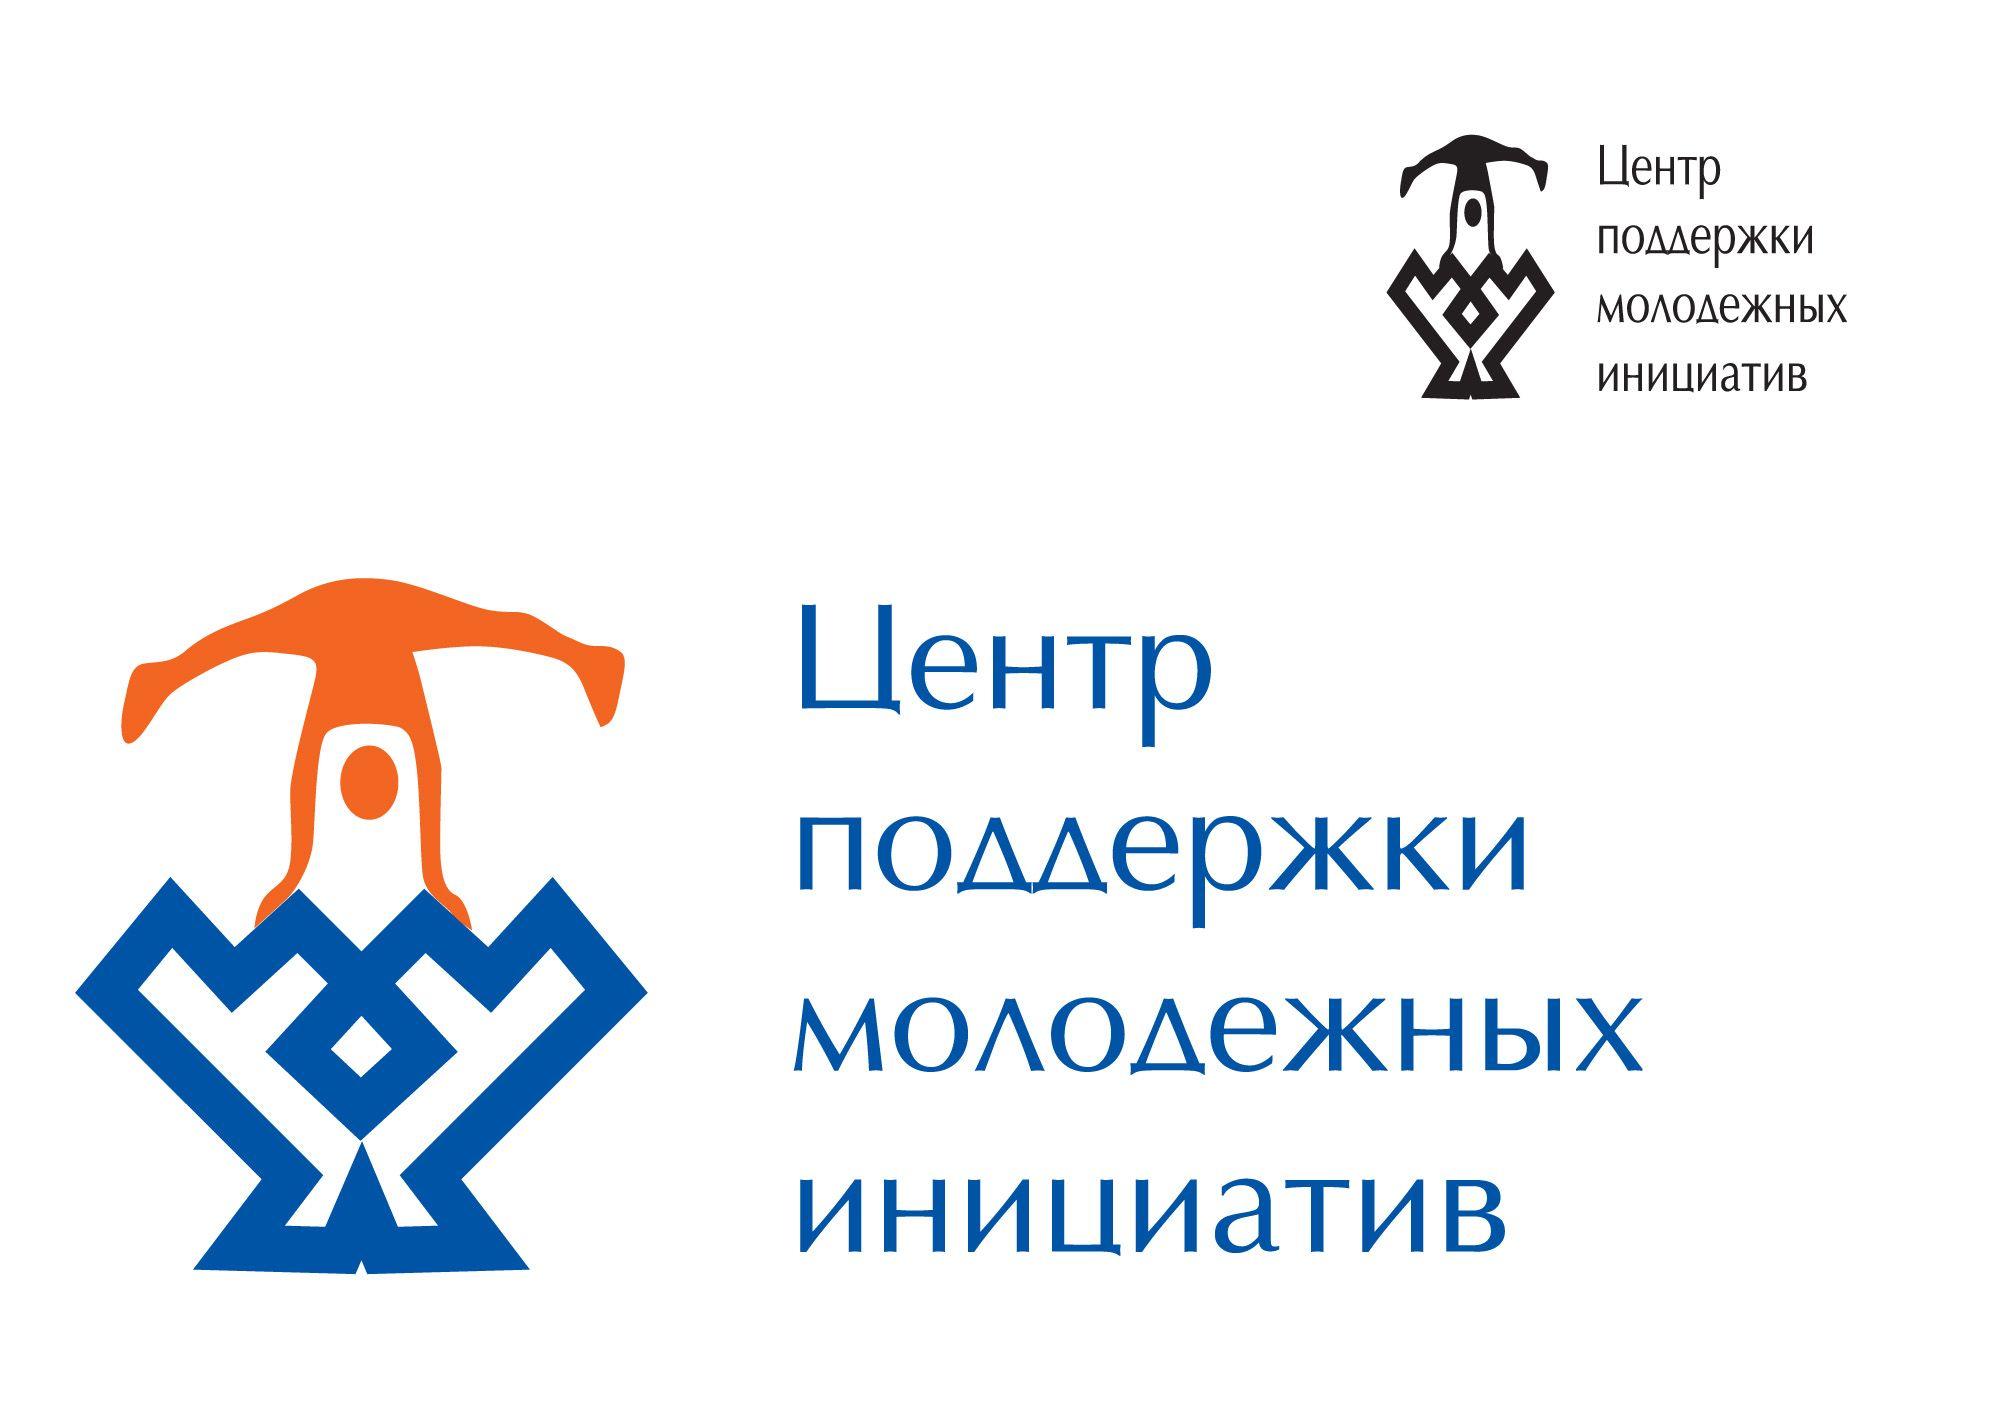 Логотип для Центра поддержки молодежных инициатив - дизайнер katavoronchihin